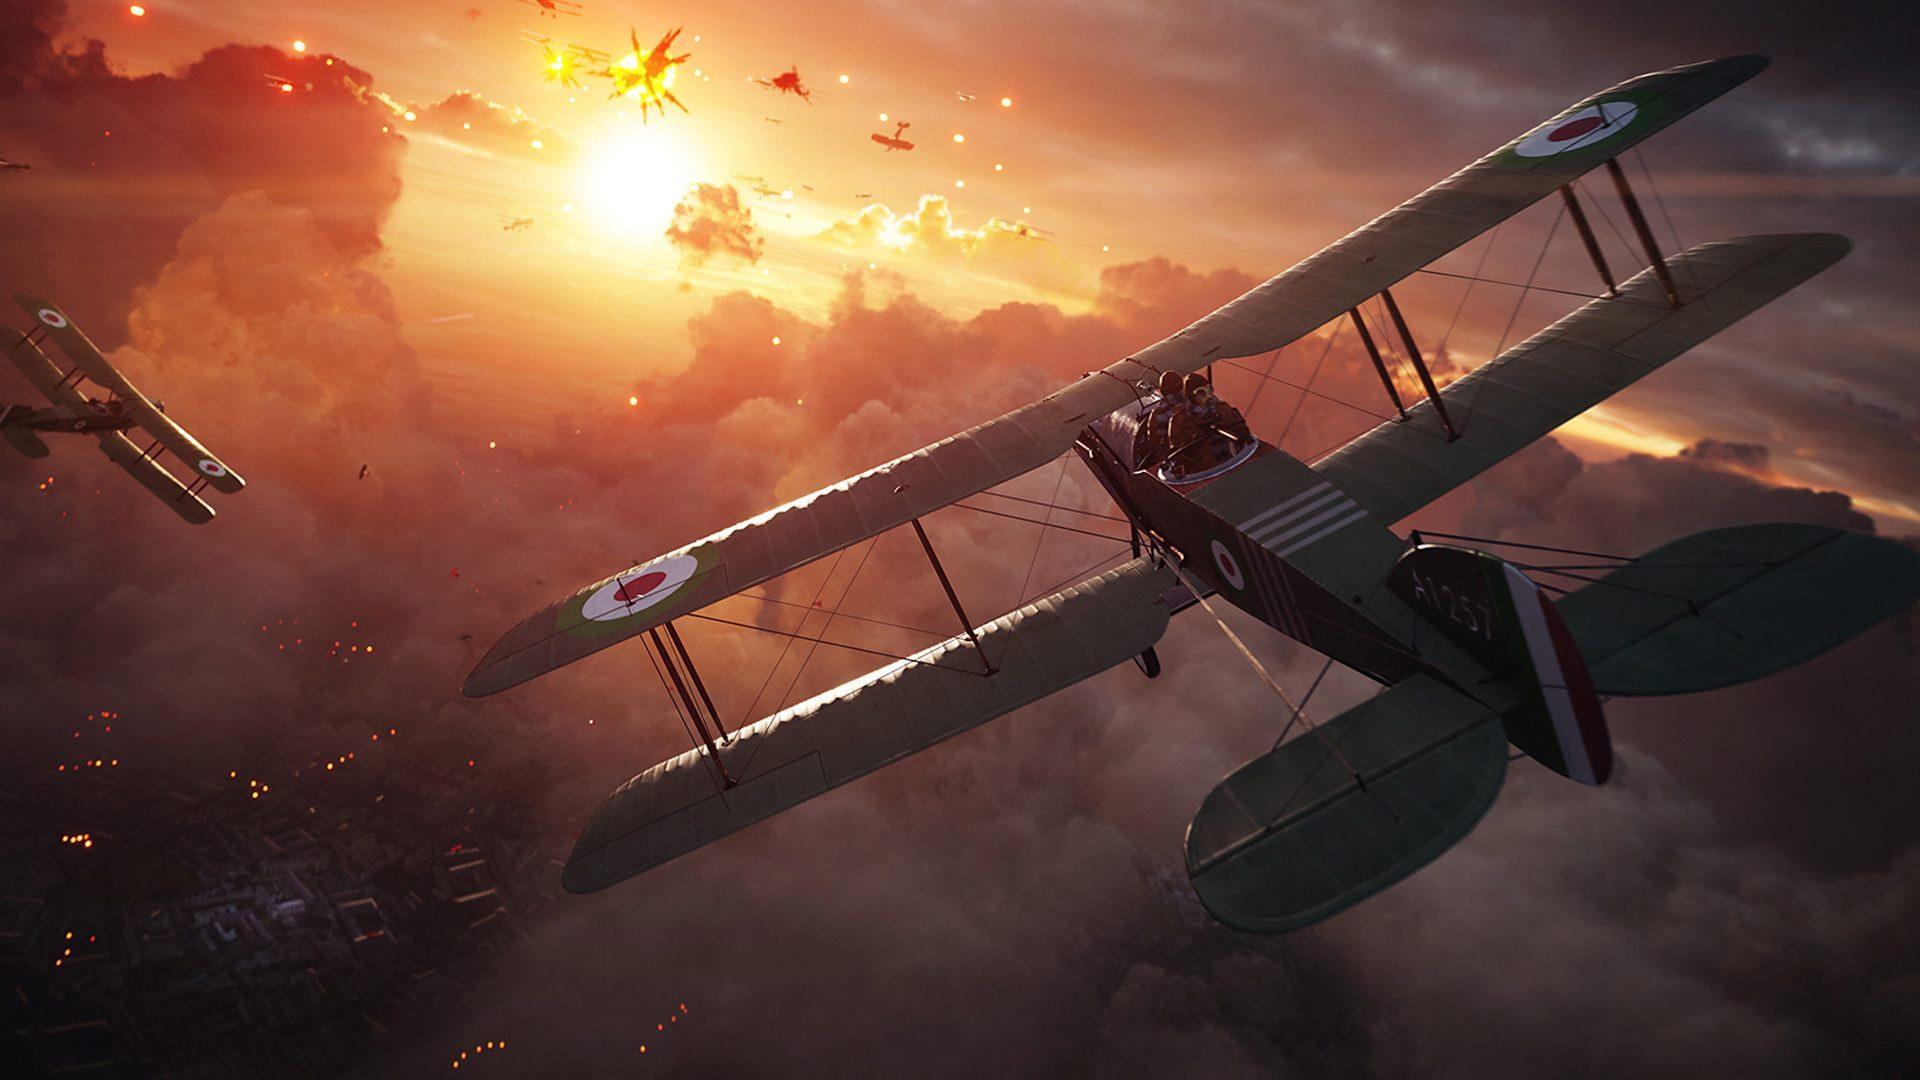 Battlefield 1 expansion Apocalypse adding new Air Assault mode screenshot